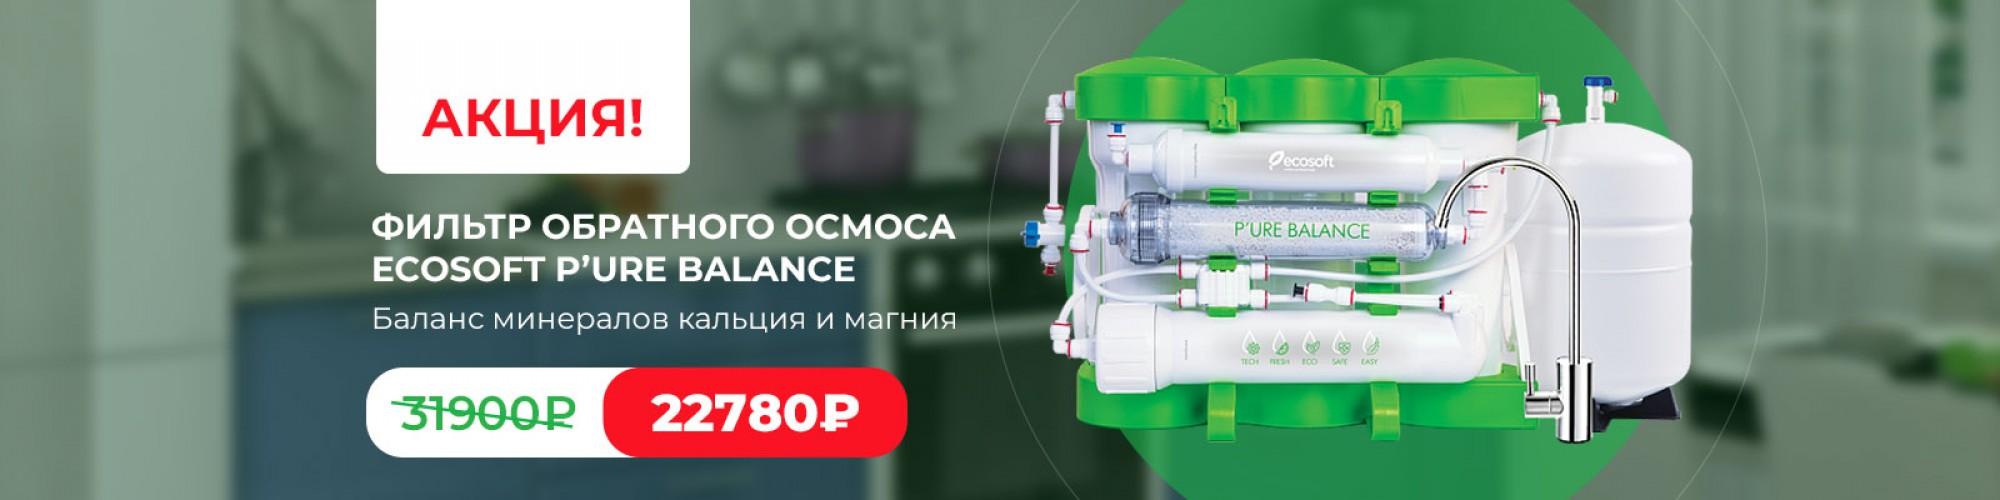 Фильтр обратного осмоса Ecosoft P'URE Balance